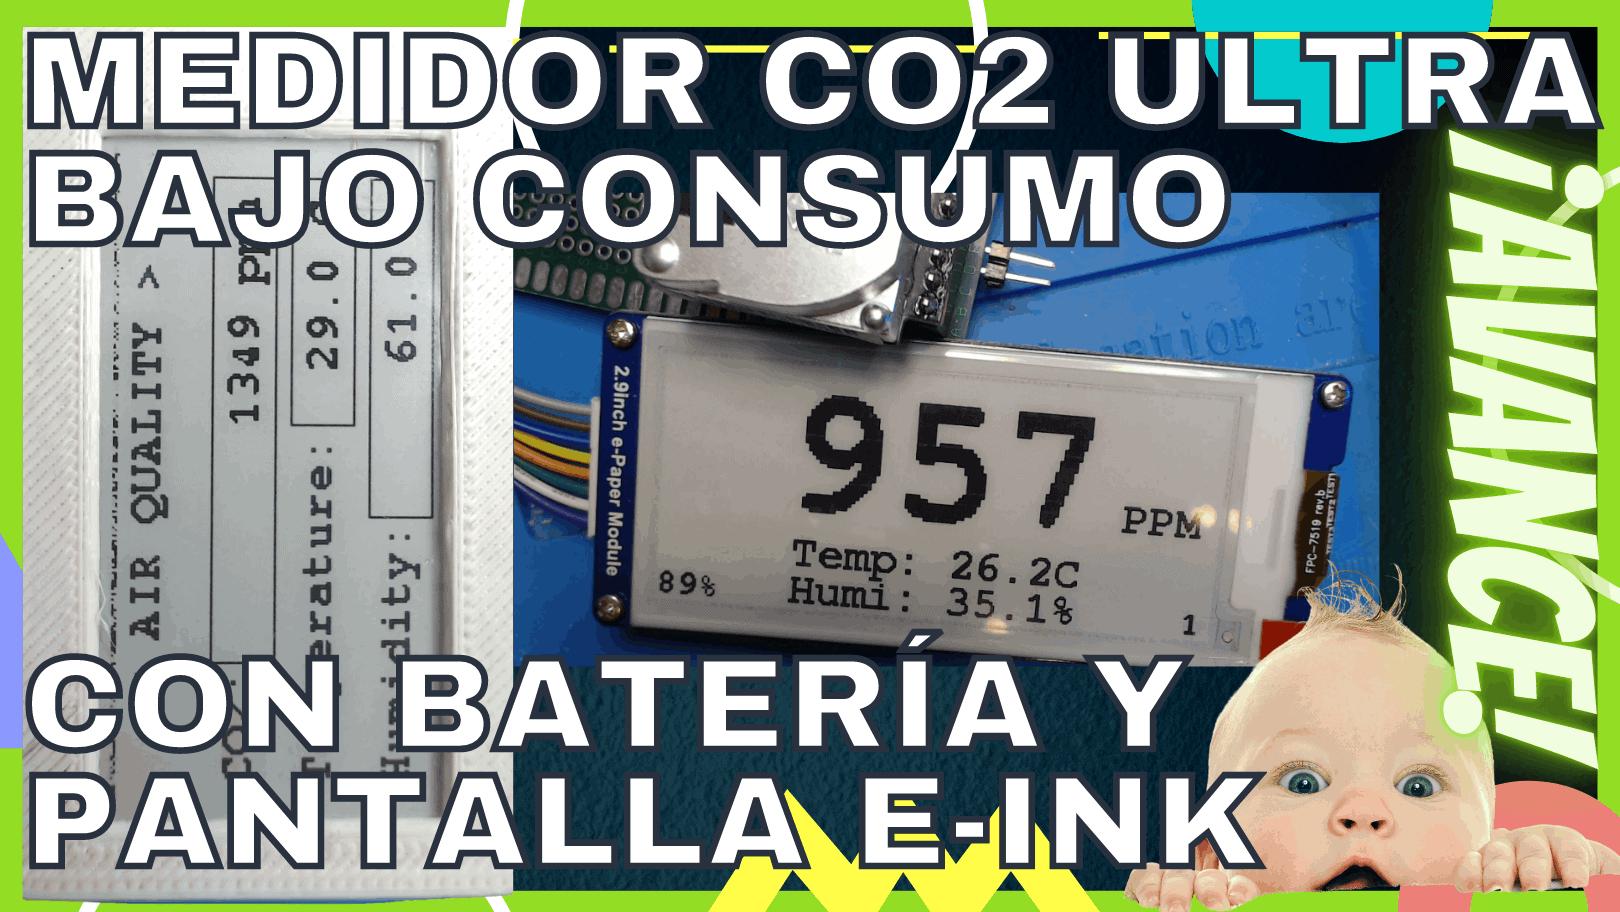 Diseño de un medidor de CO2 de ultra bajo consumo